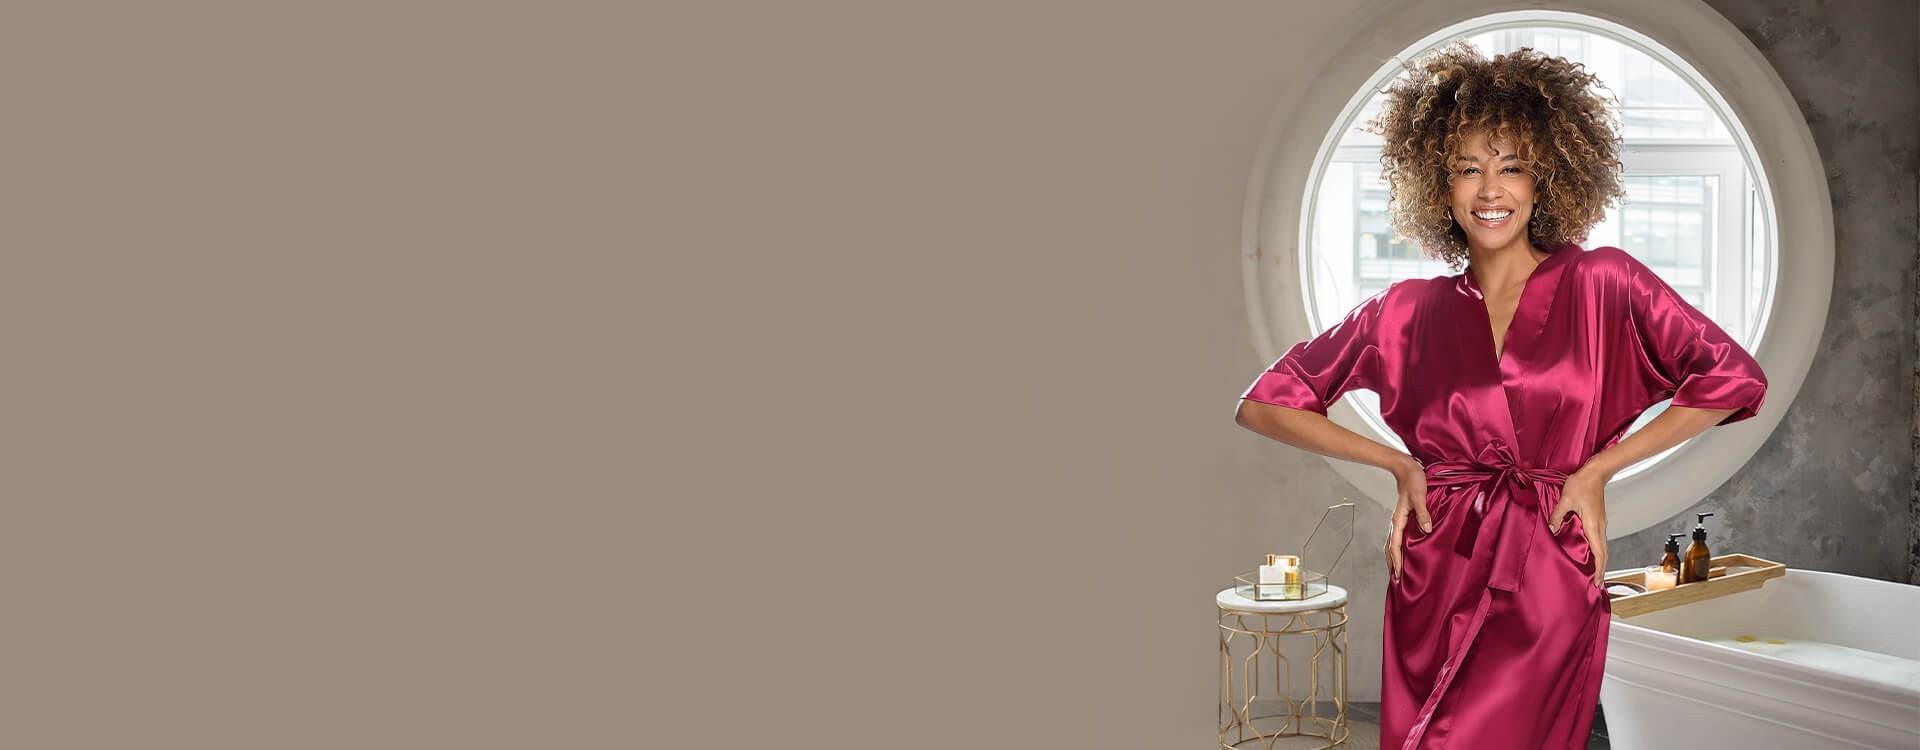 Zmysłowe i eleganckie szlafroki satynowe. Szeroki wybór wzorów i kolorów satynowych szlafroczków. Kwiatowe wzory, koronka.